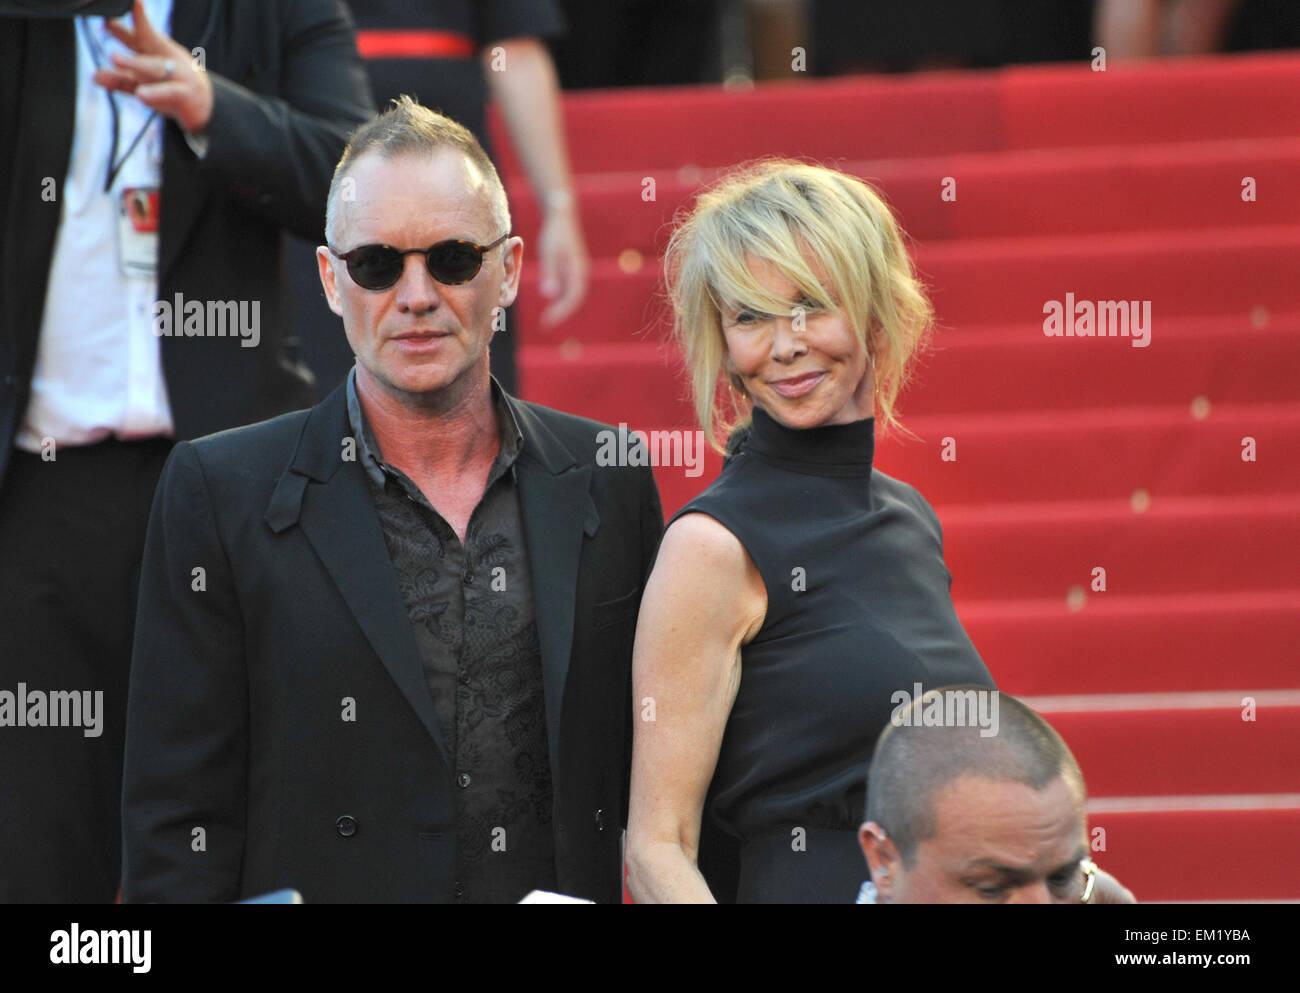 """CANNES, FRANCE - 26 MAI 2012: Sting et Trudie Styler à la projection de gala de 'Mud"""" à Cannes. Le 26 mai 2012 Banque D'Images"""